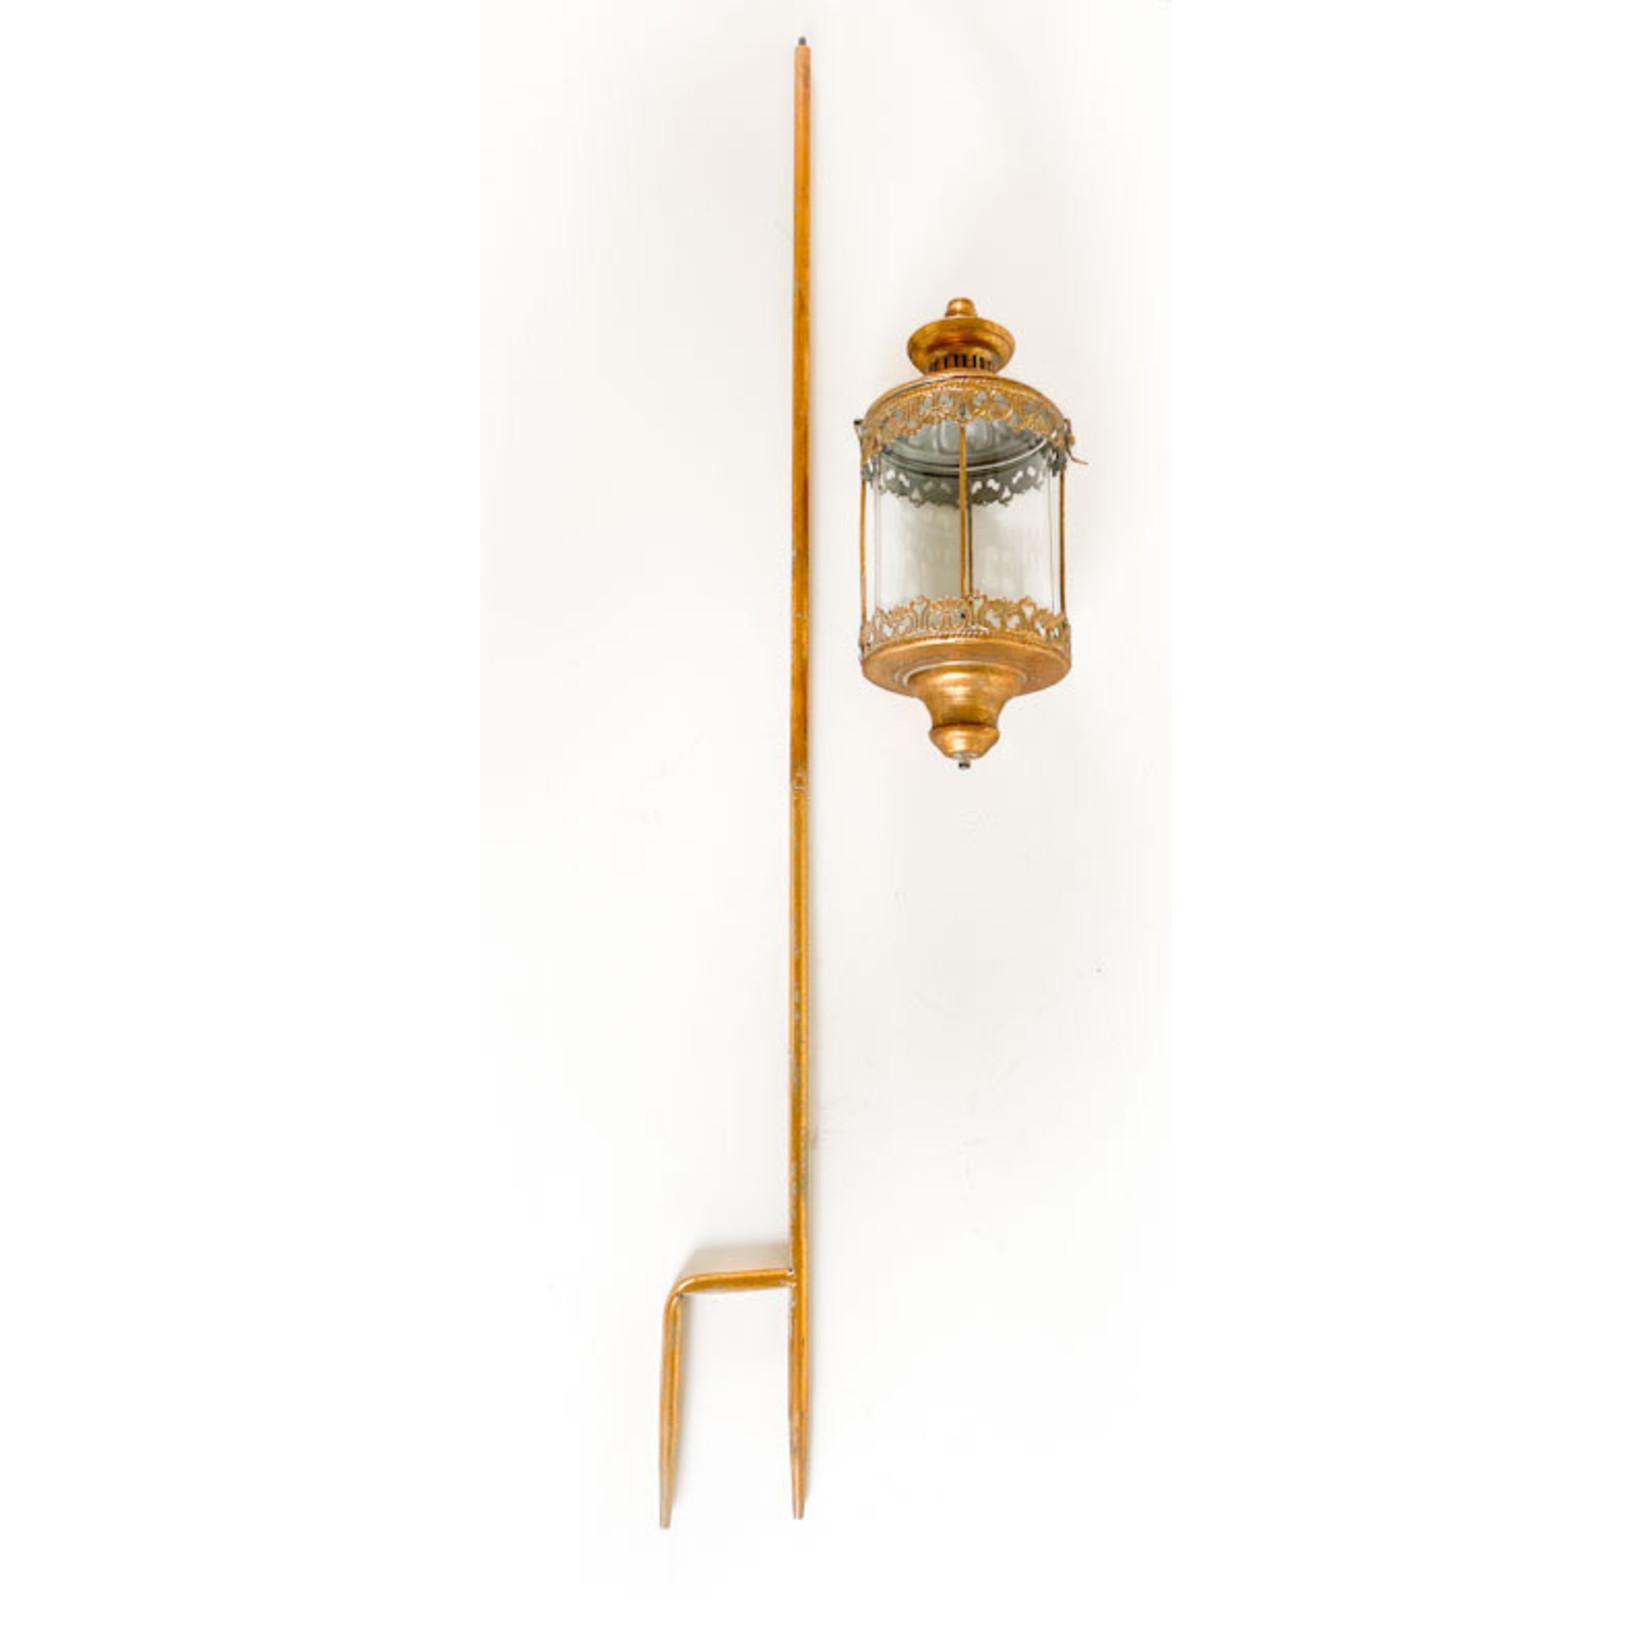 Gold Lantern with Stake